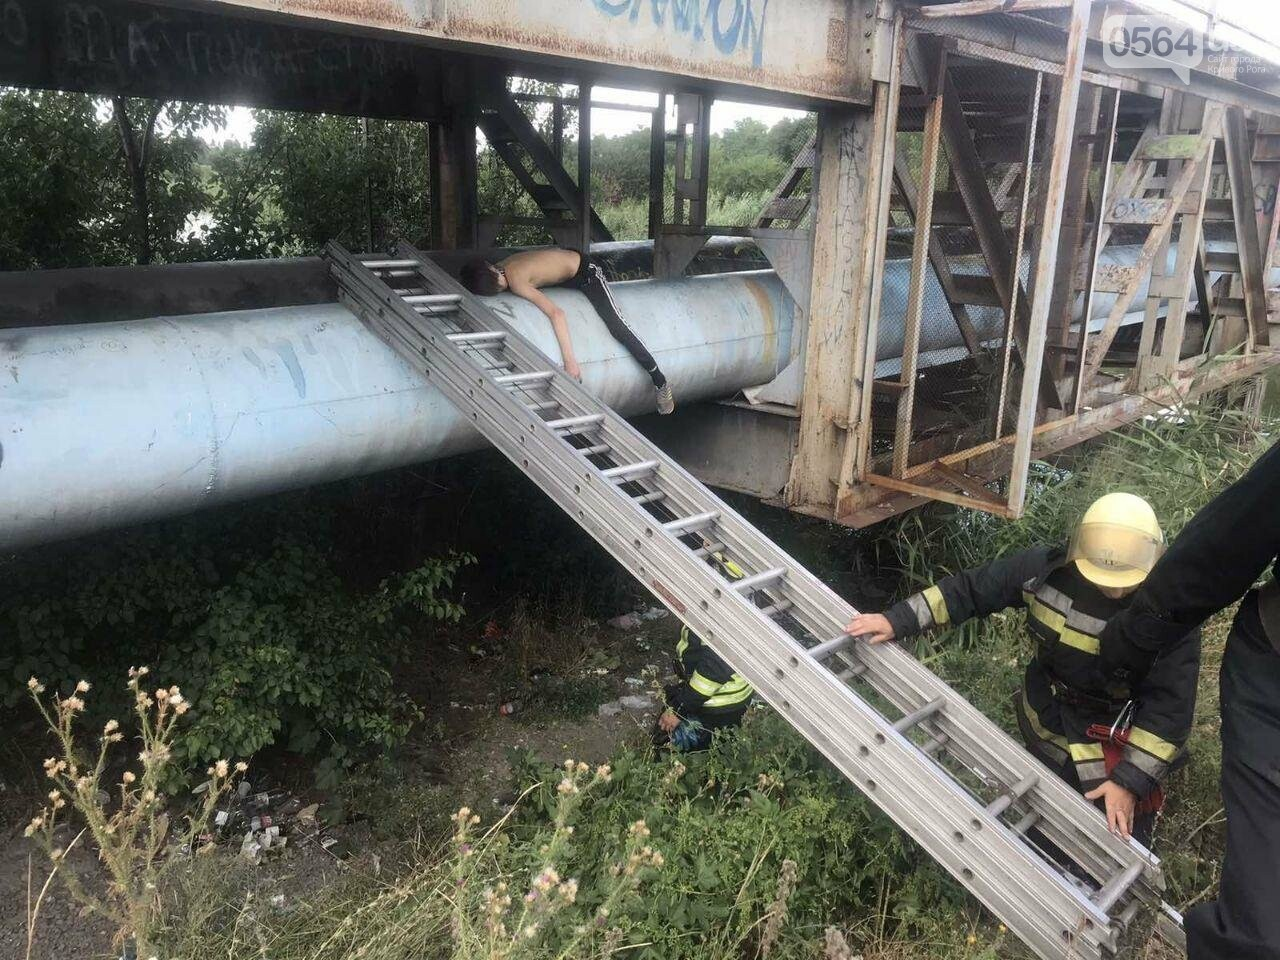 В Кривом Роге пьяный подросток без помощи спасателей не мог спуститься с трубы под мостом, - ФОТО , фото-2